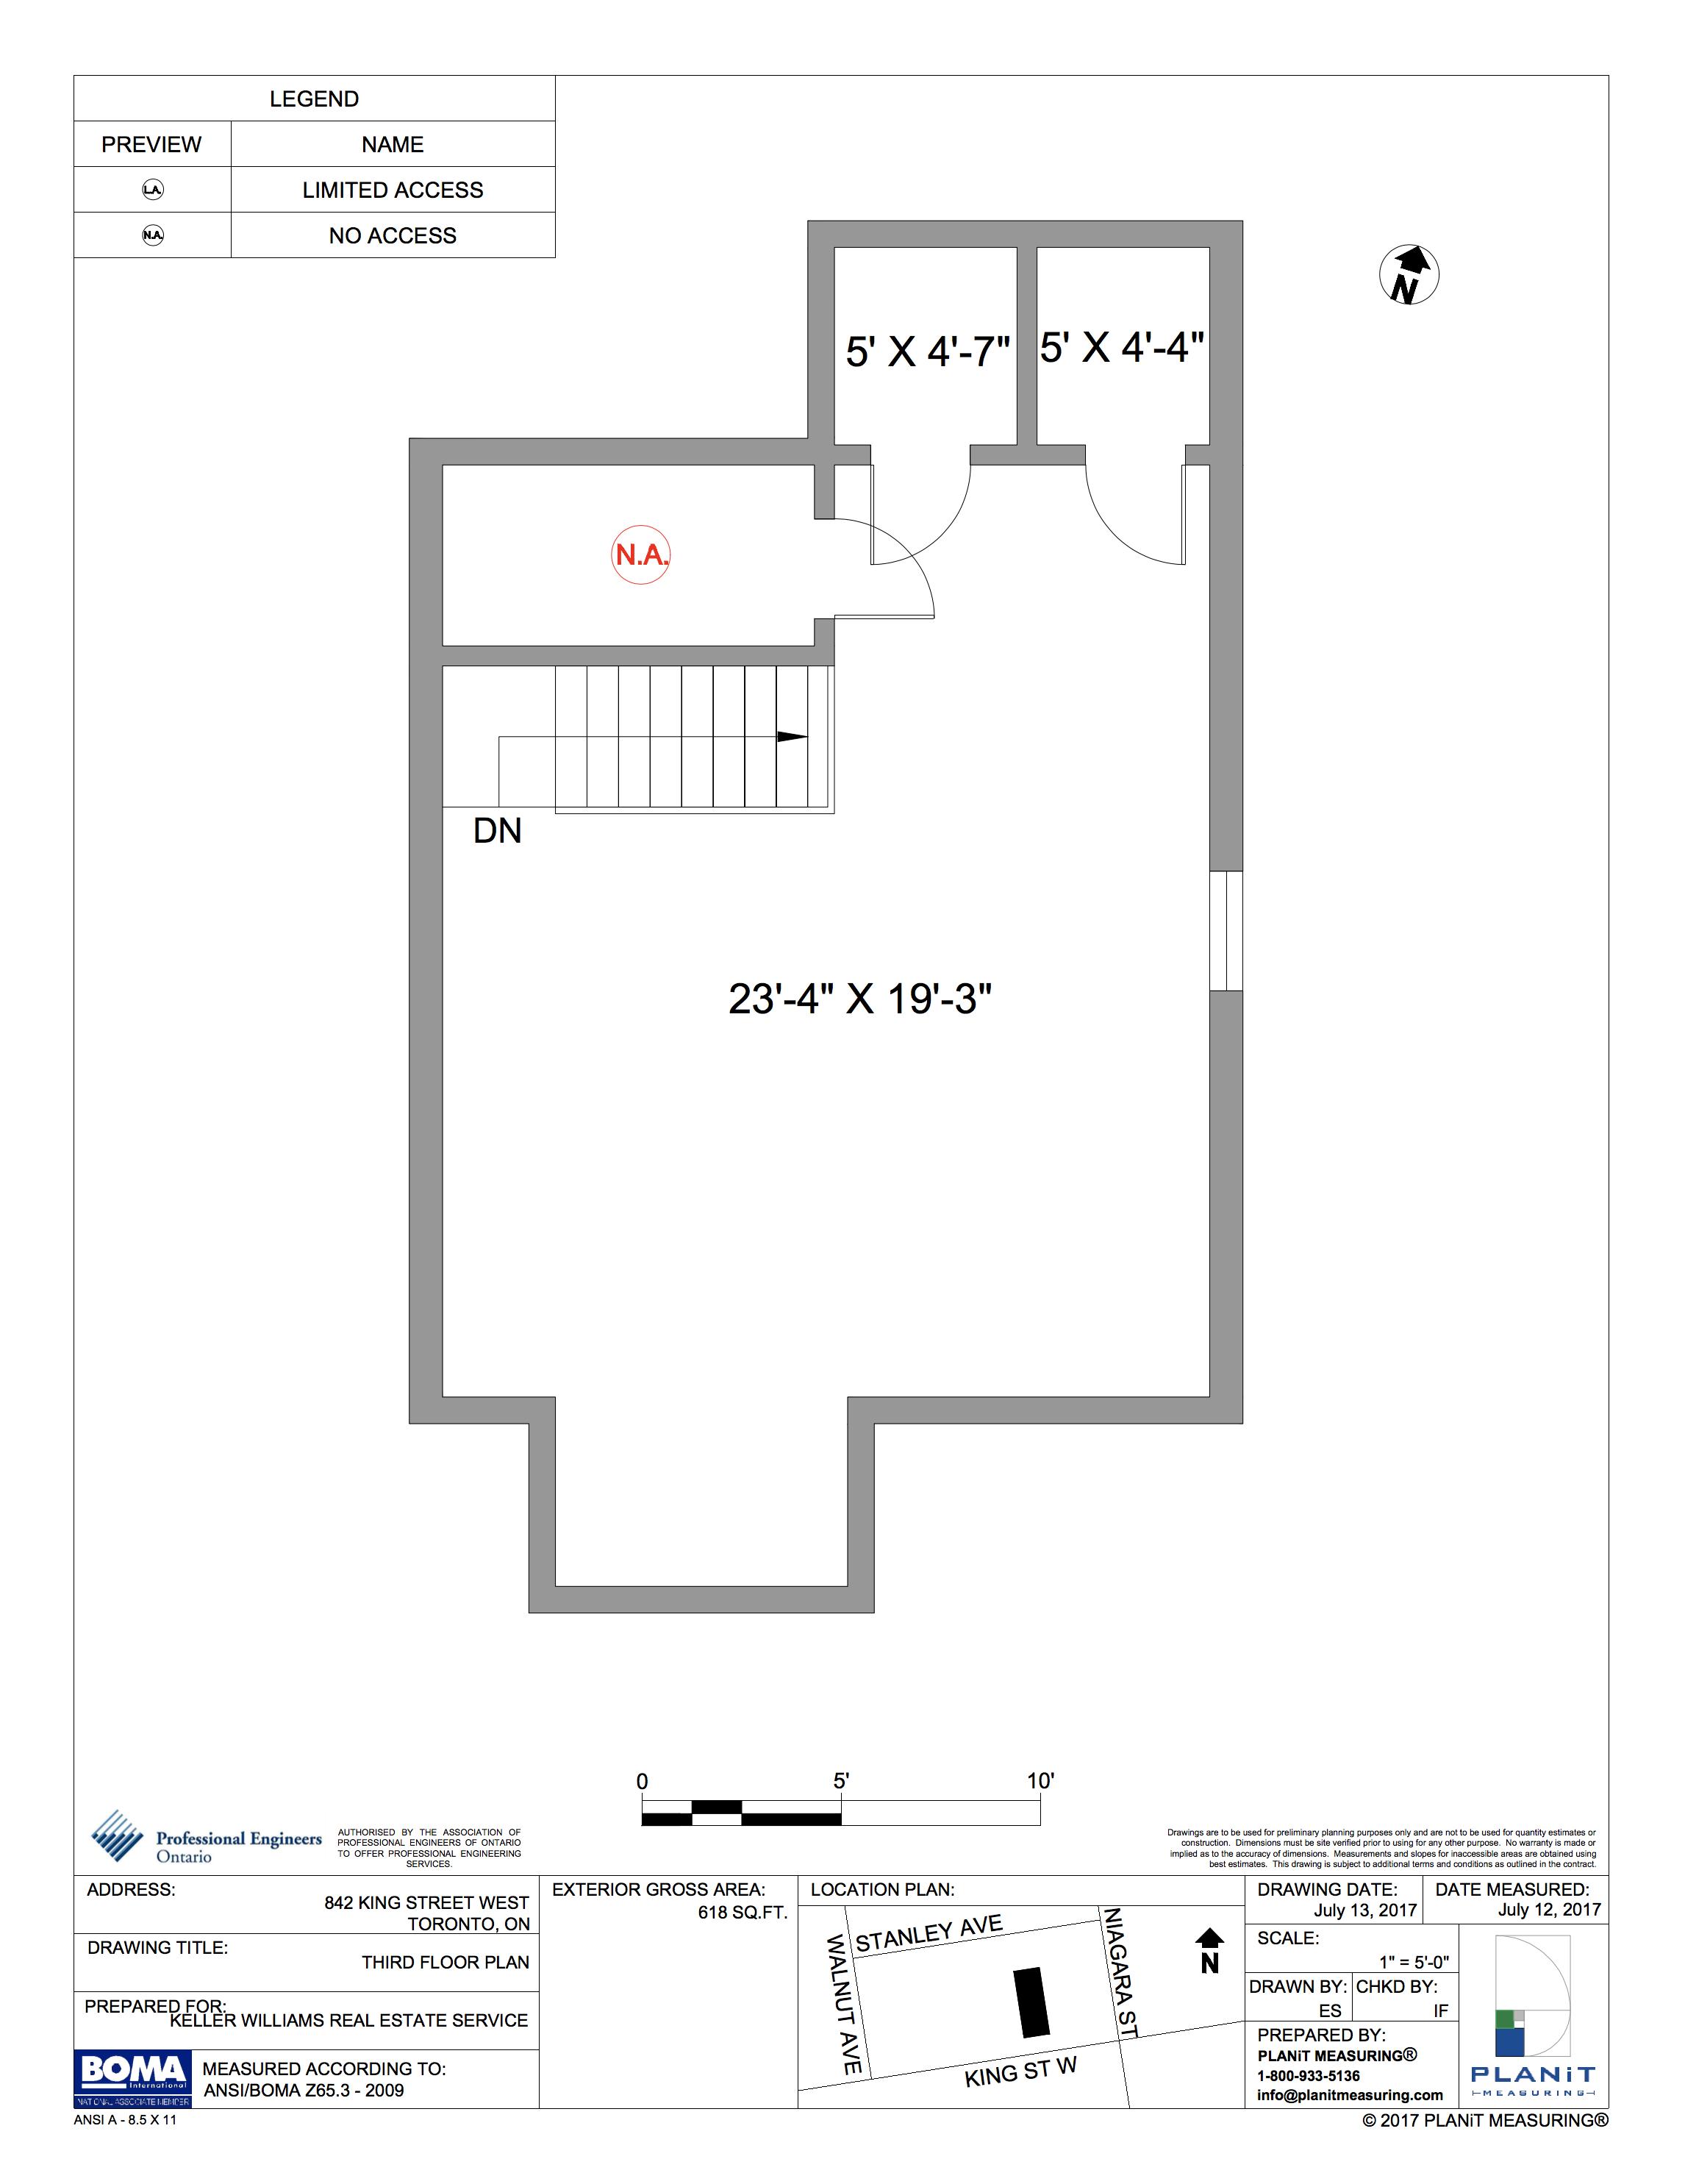 THIRD FLOOR (618 sq ft)